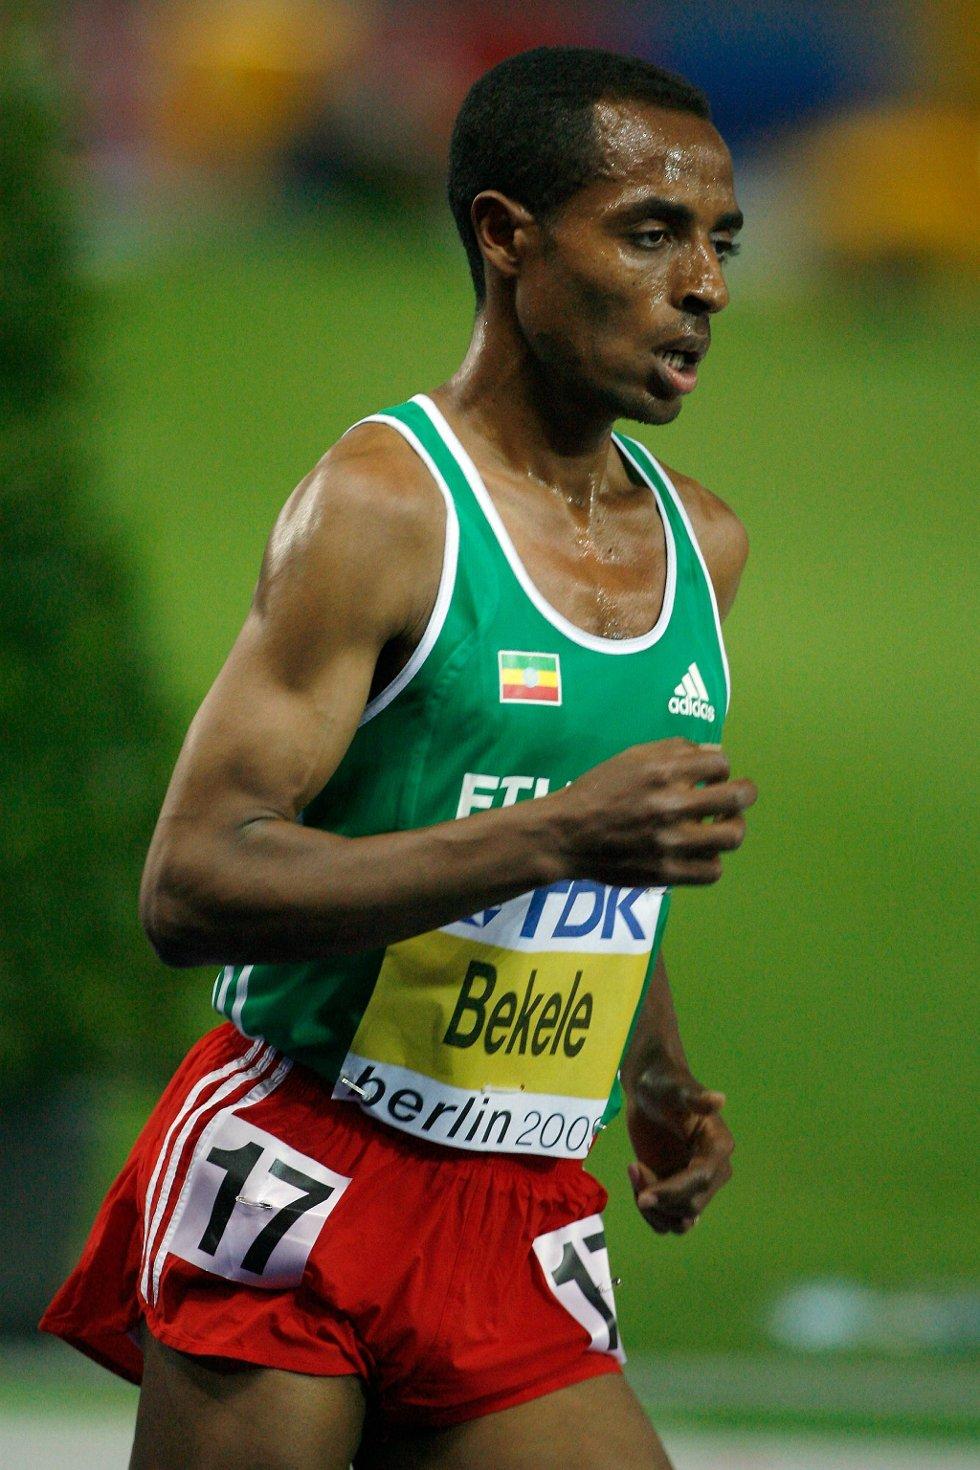 Kenenisa Bekele er verdensrekord-grossist.